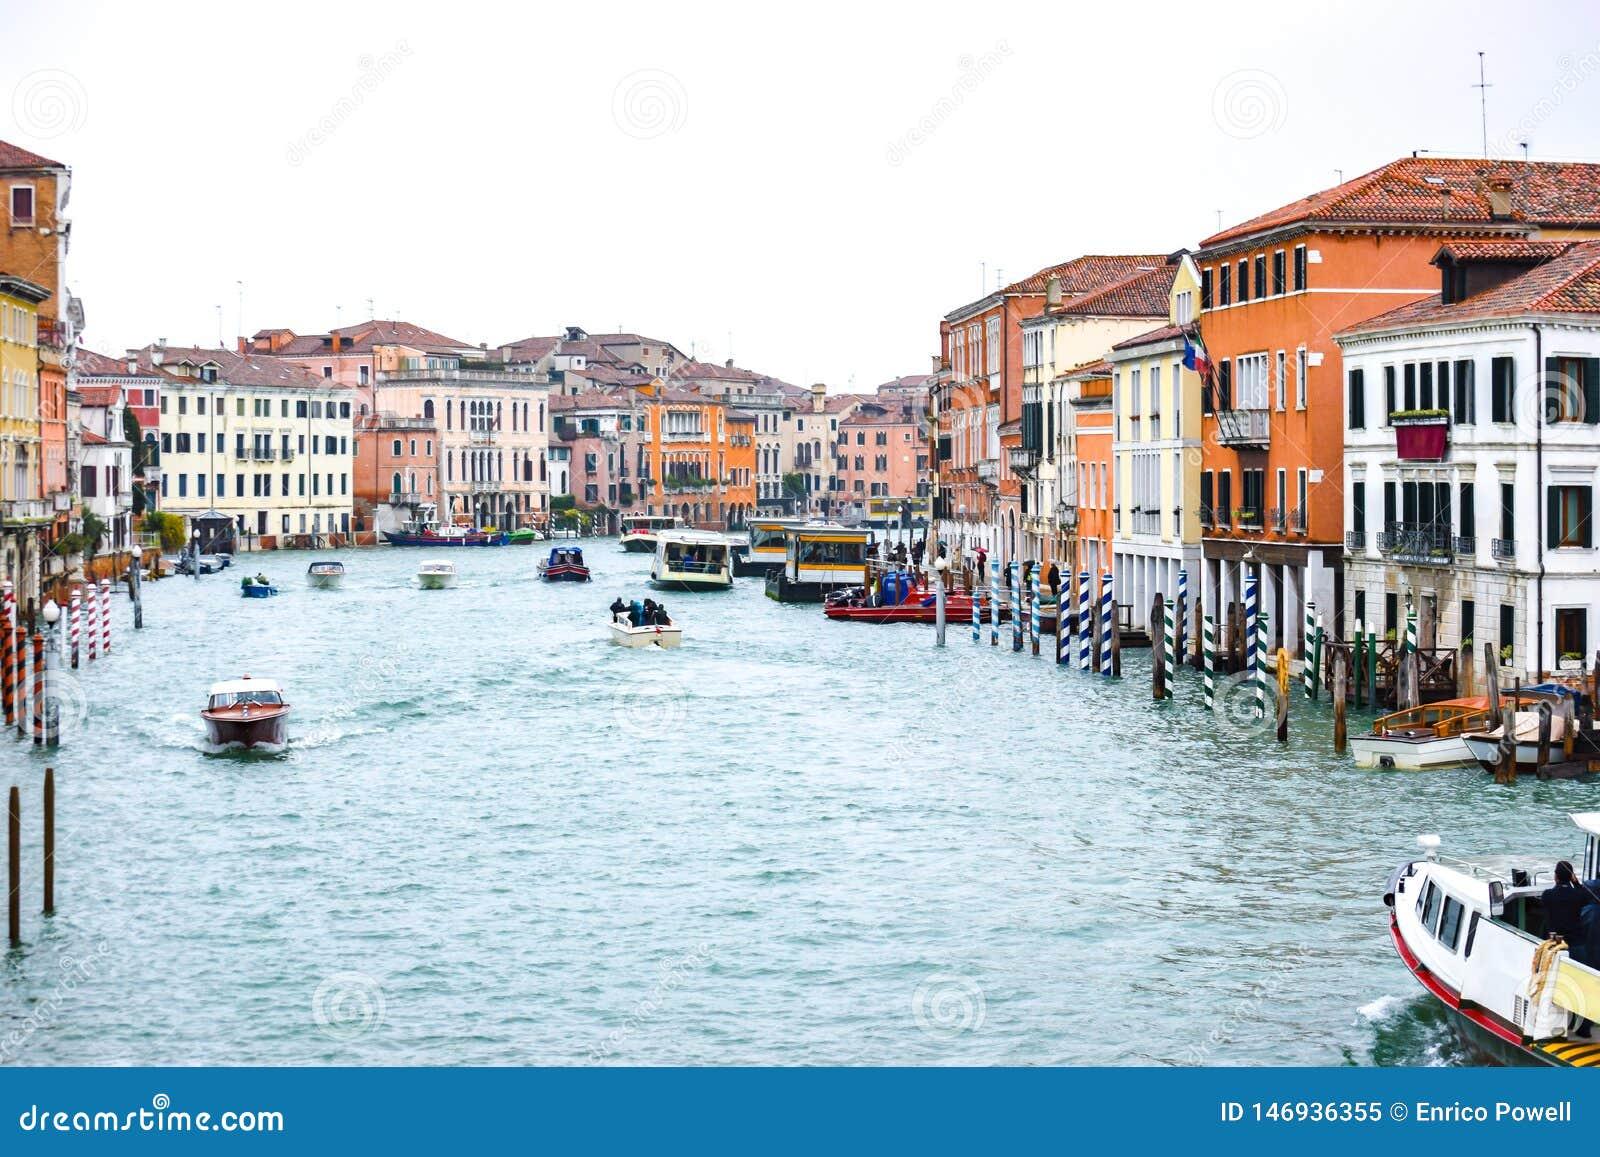 Wodni taxi i inne ?odzie ?egluje mi?dzy Weneckimi budynkami wzd?u? Grand Canal w Wenecja, W?ochy